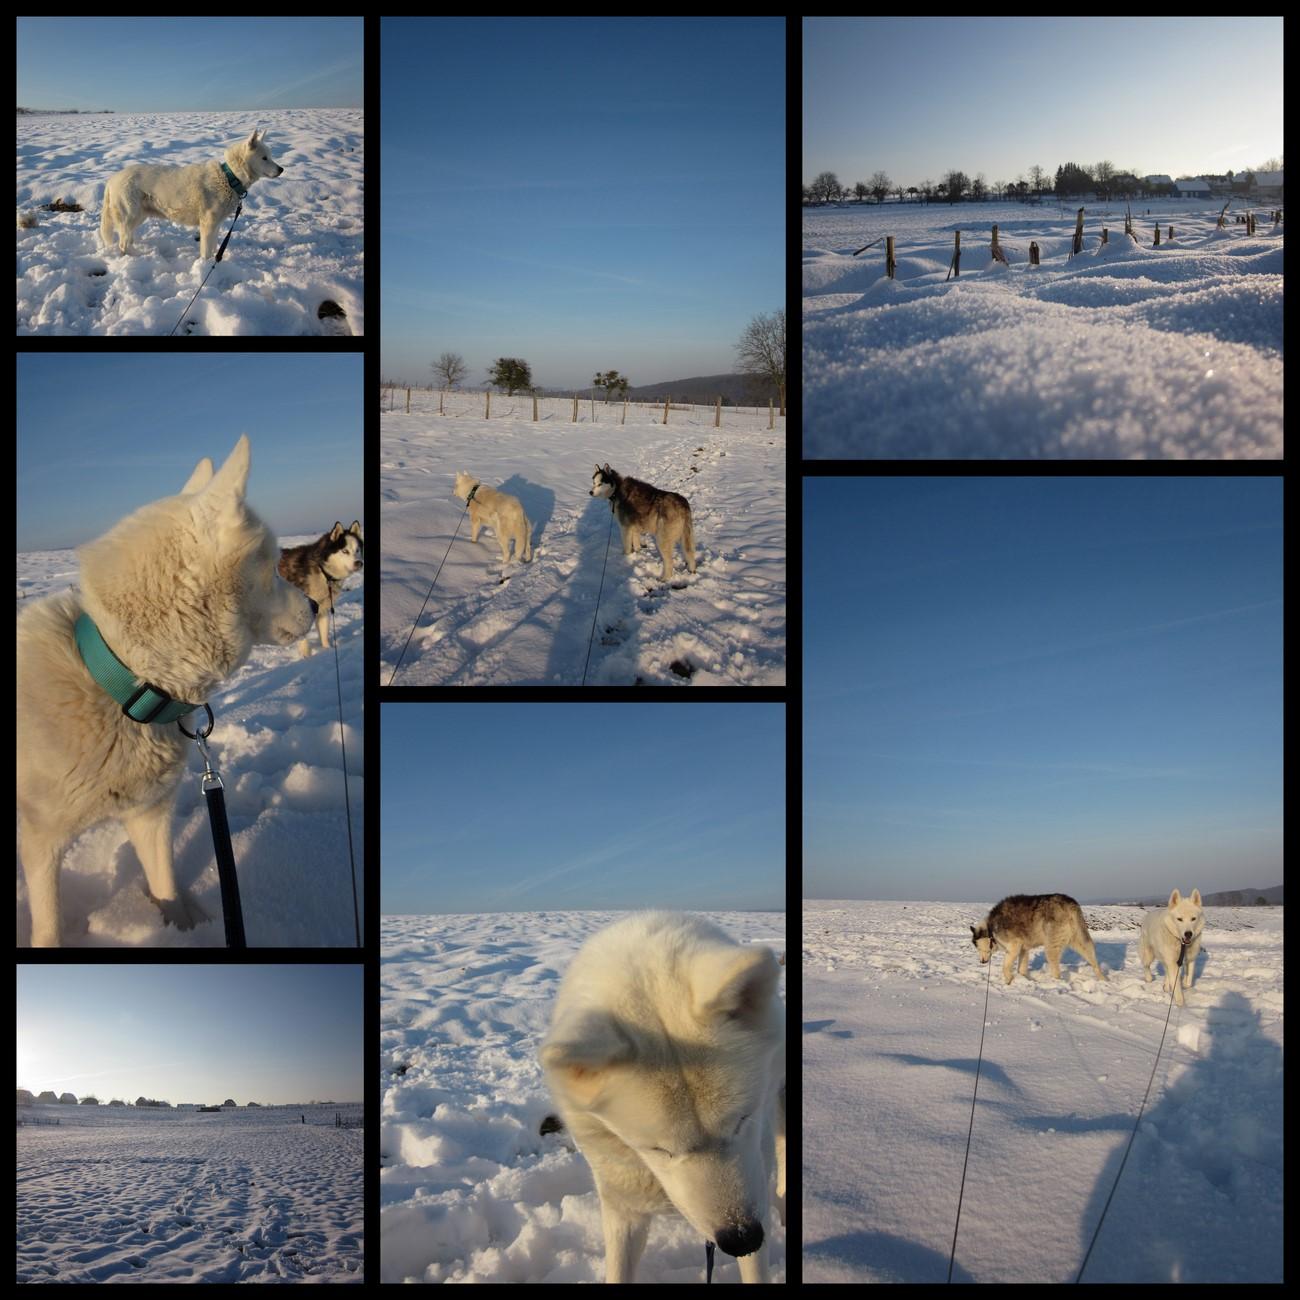 Neige, neige, neige...